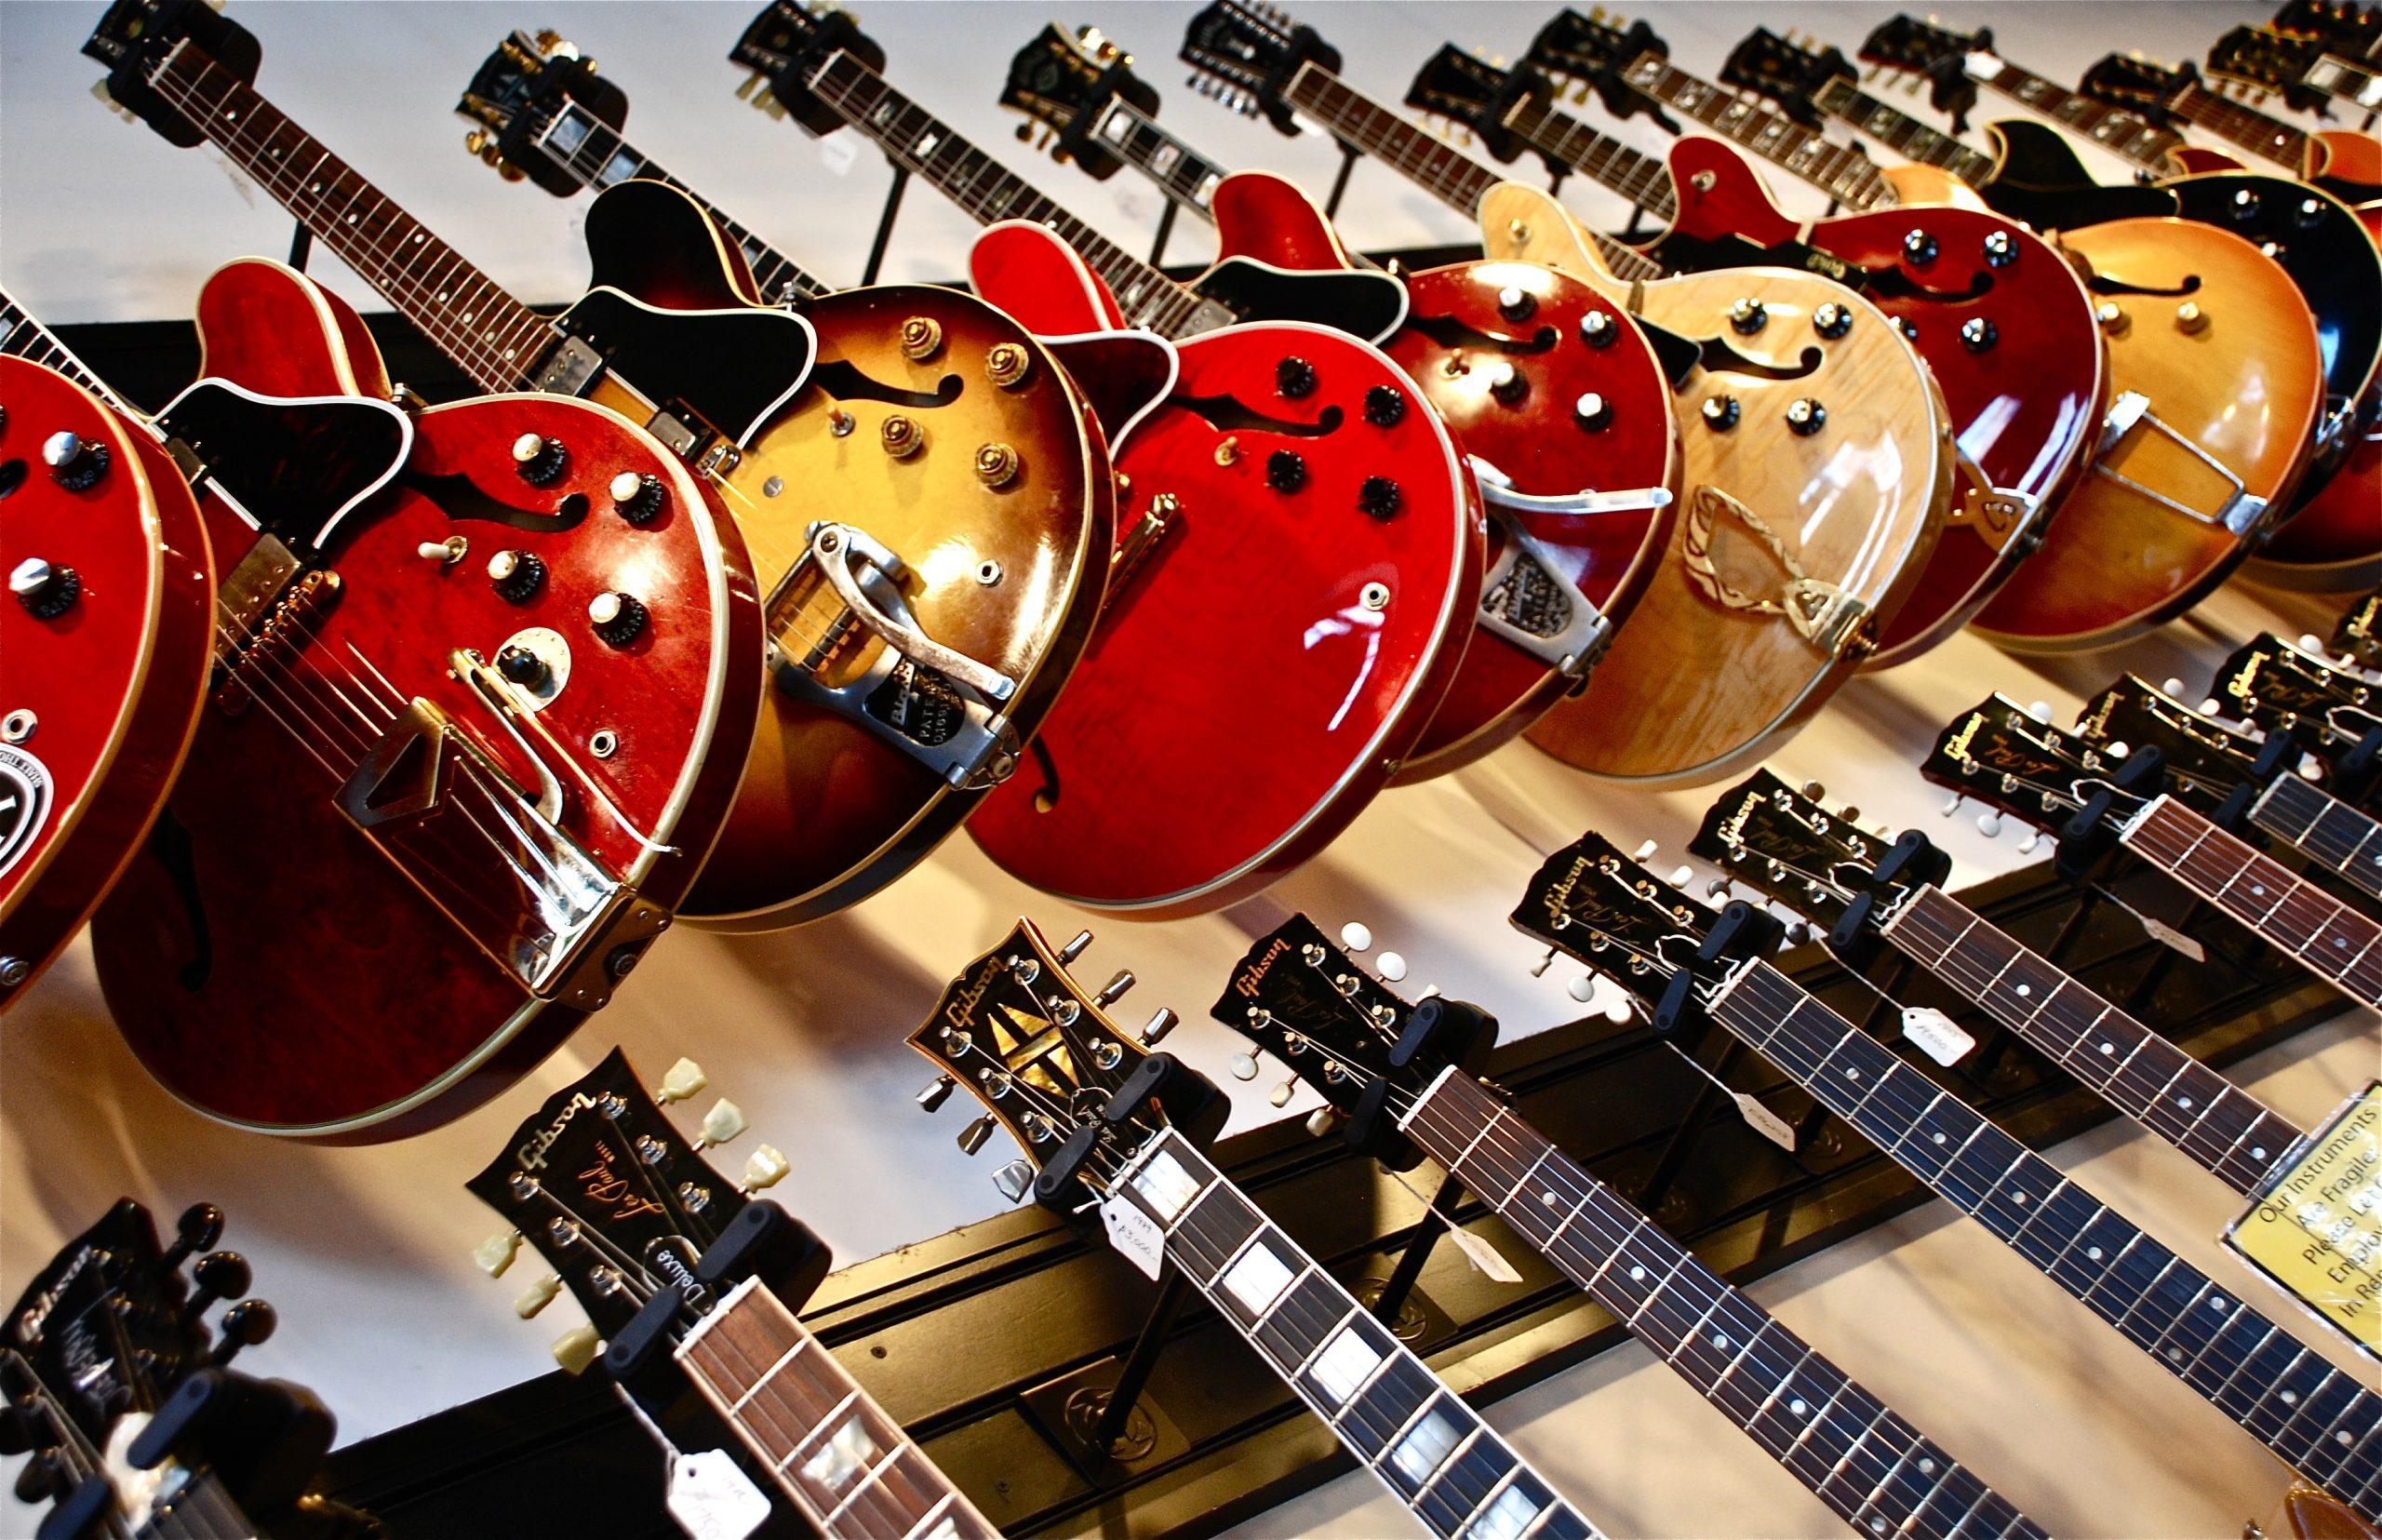 loads of guitars hung up